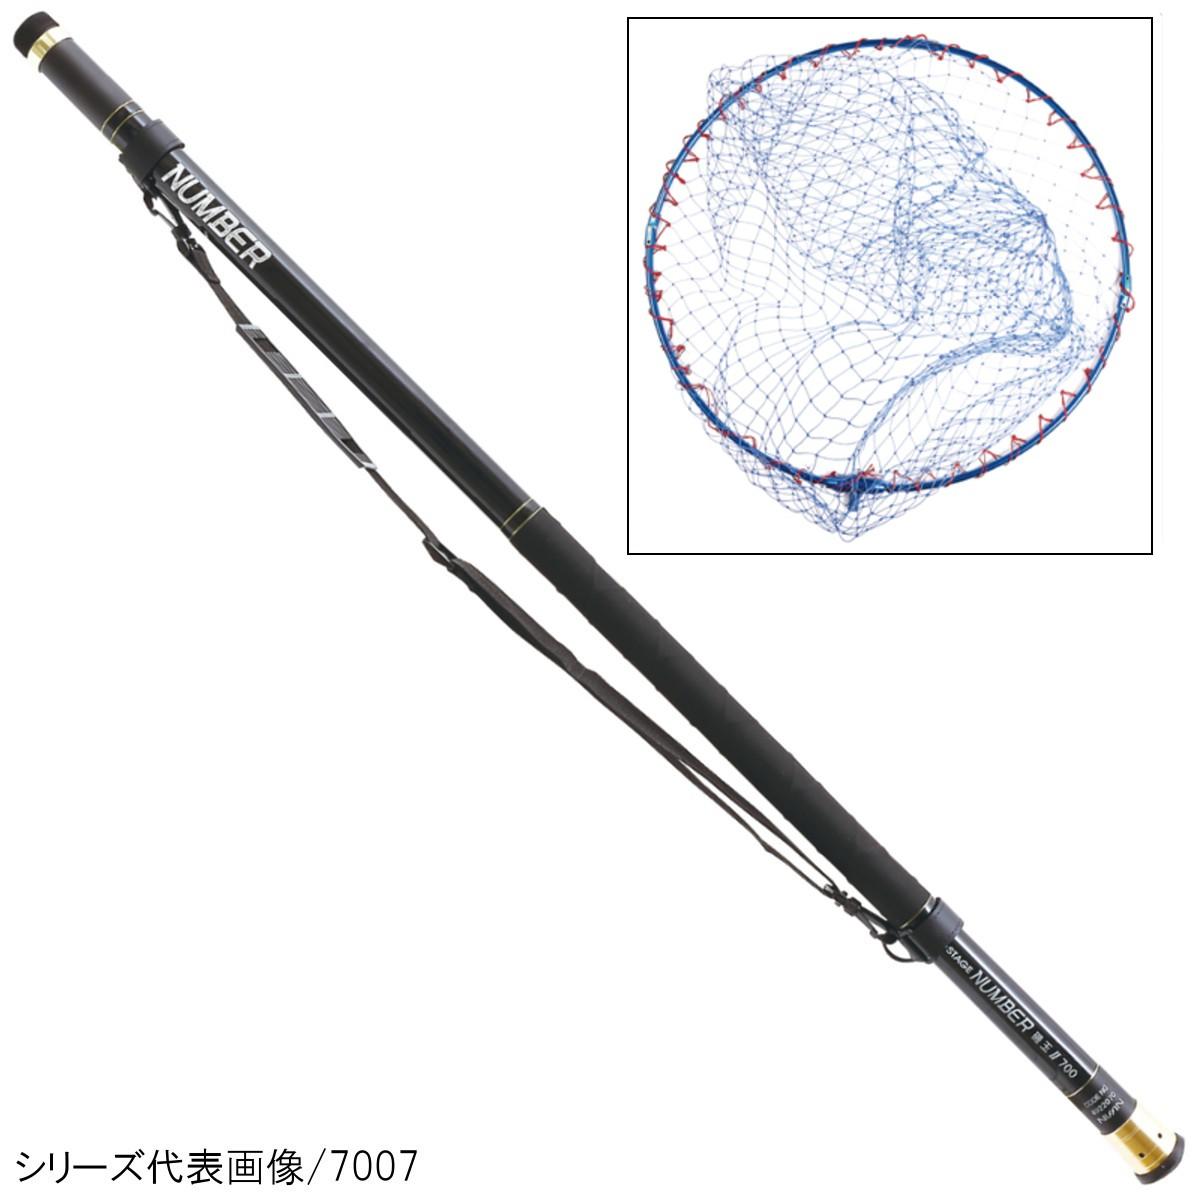 宇崎日新 プロステージナンバー 磯玉網セットII 6006